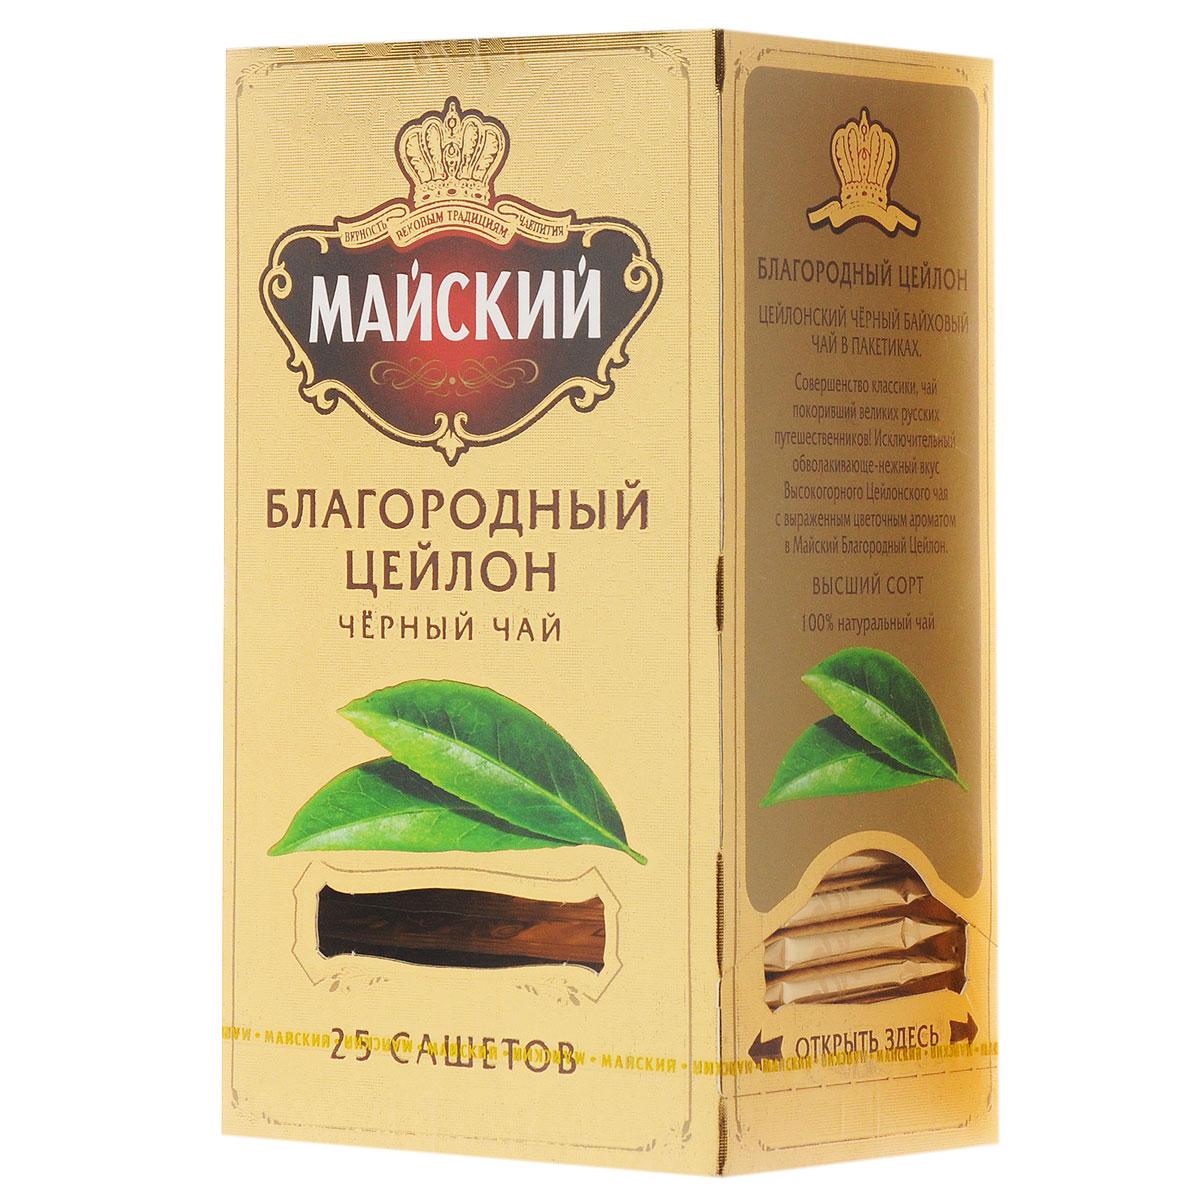 Майский Благородный Цейлон черный чай в пакетиках, 25 шт майский отборный черный чай в пакетиках 25 шт